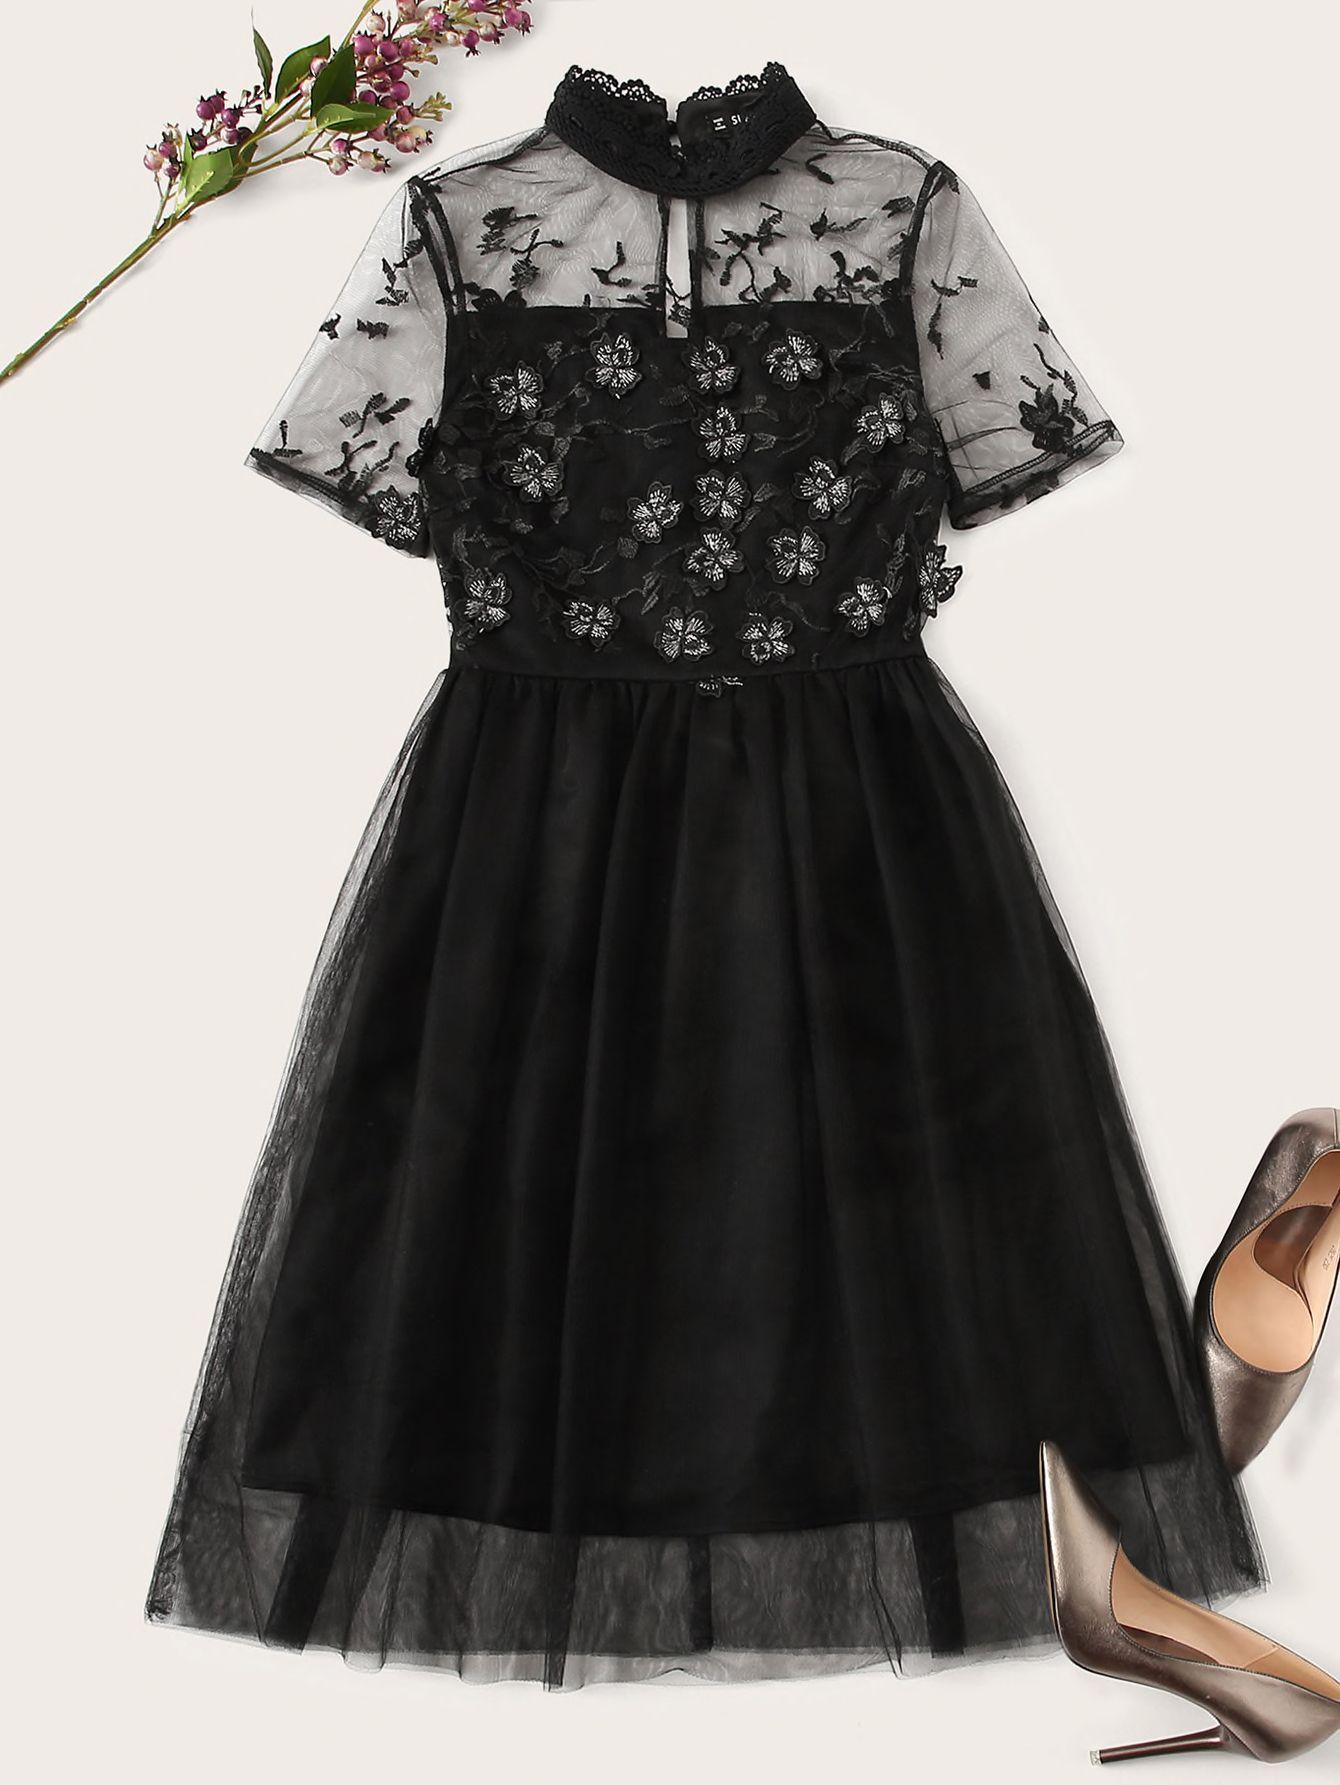 فستان بعنق مستدير منمق شبكي متباين قد اشتريت منتج رائع من موقع شي إن أرغب في أن أوصيكم بشرائه حلوه Fit And Flare Dress Fashion Mesh Dress